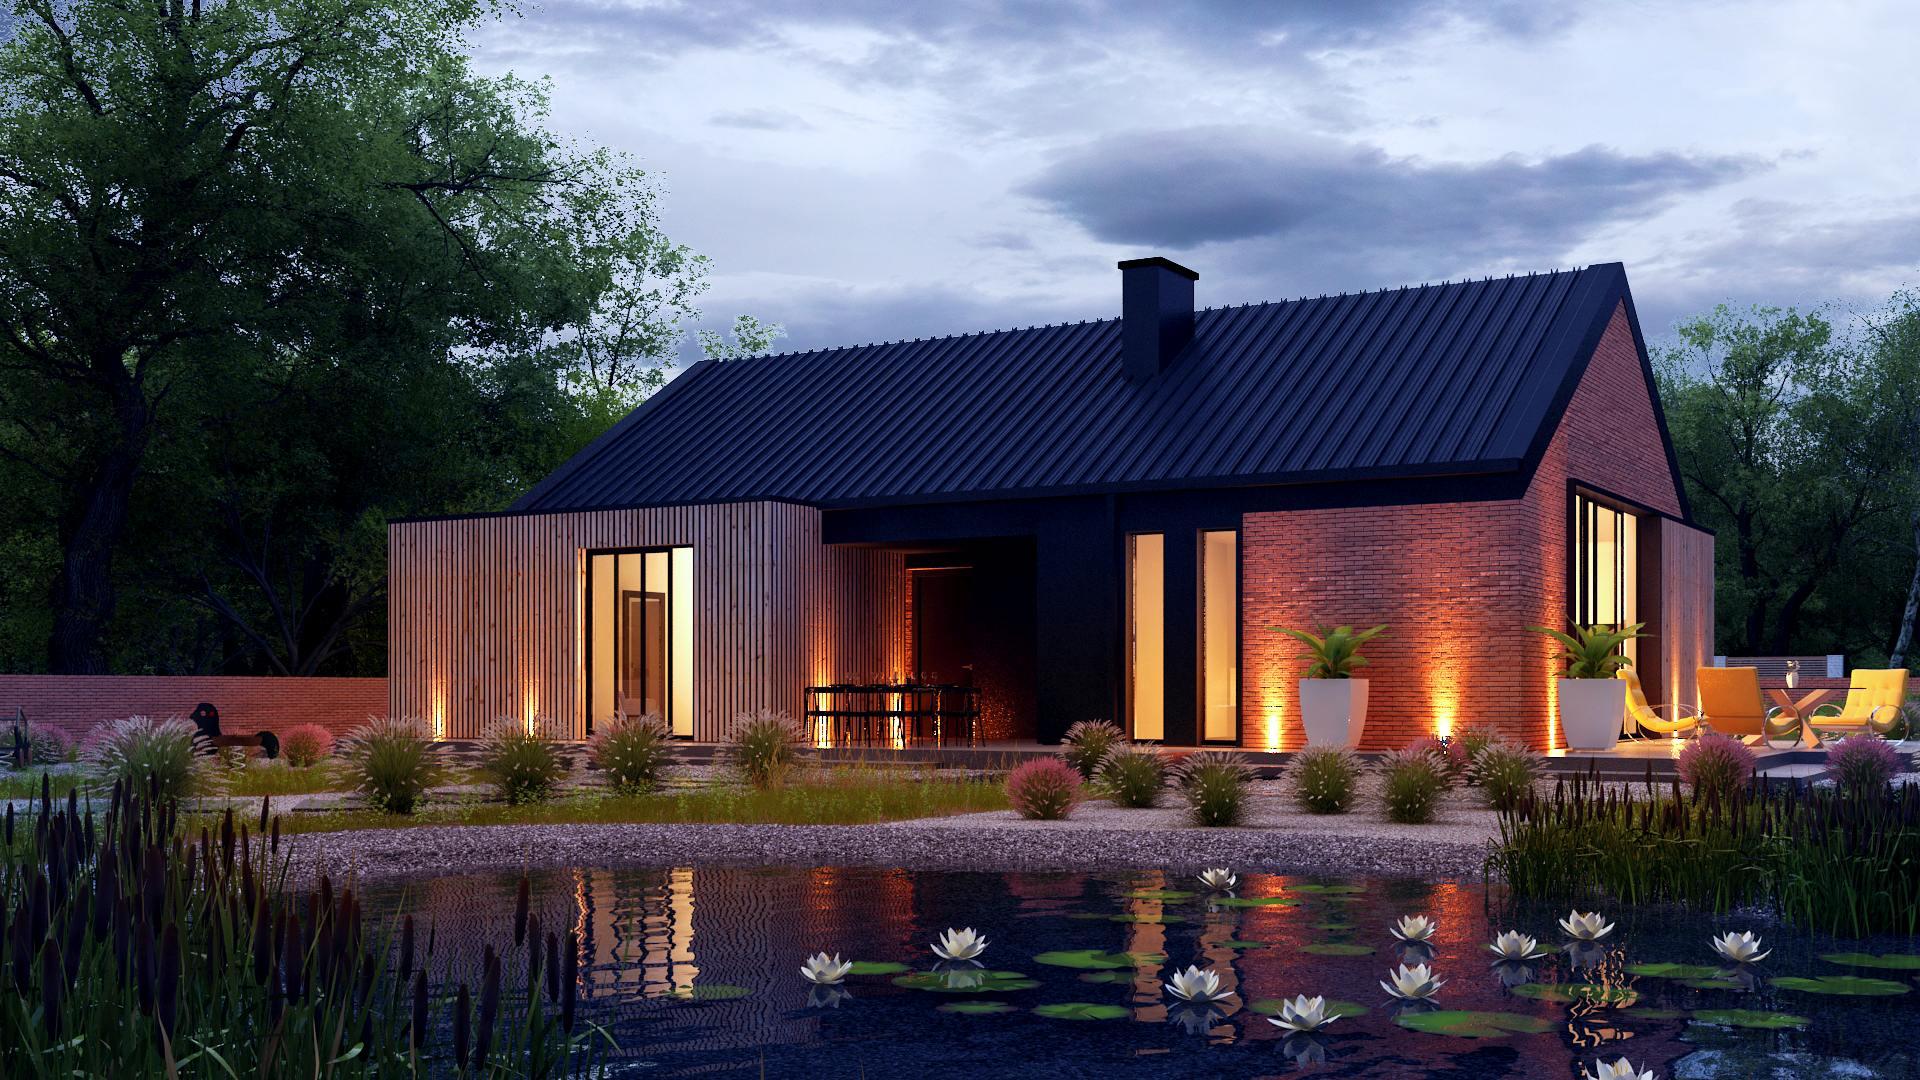 wizualizacja architektoniczna domu jednorodzinnego nad stawem o zachodzie słońca